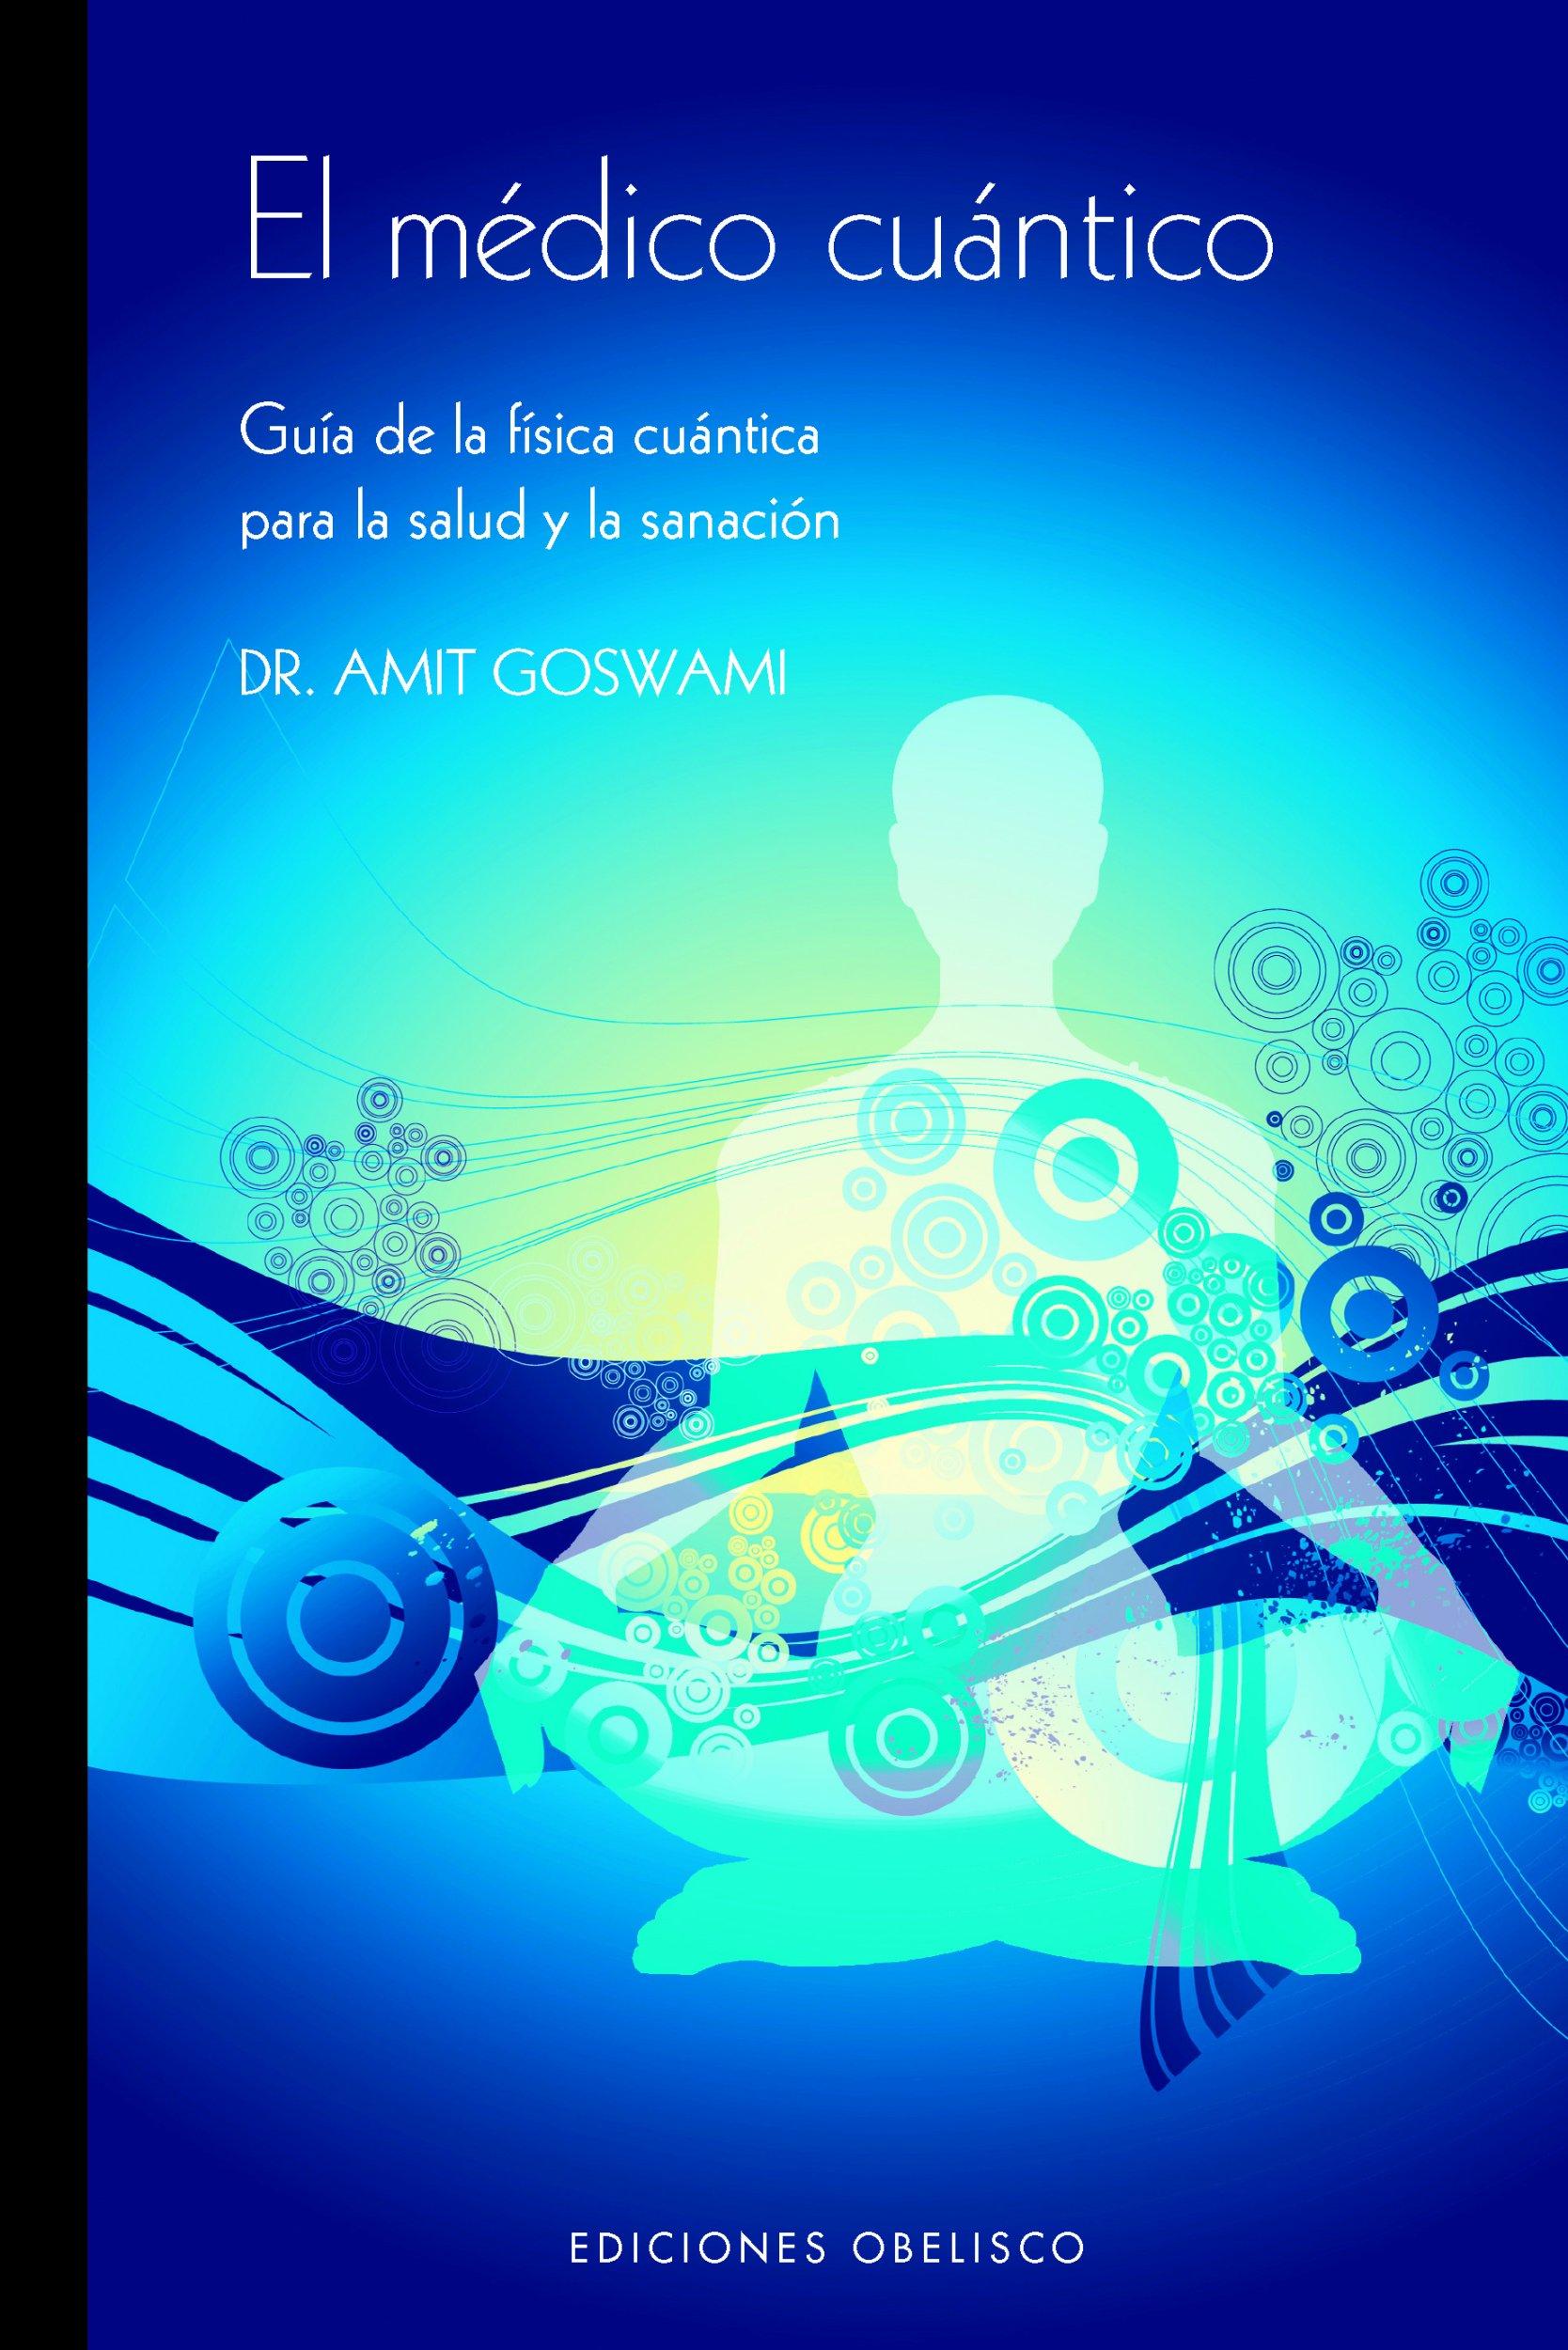 El Medico Cuantico: Guia de La Fisica Cuantica Para La Salud y La Sanacion (Spanish Edition) (Spanish) Paperback – October 19, 2008